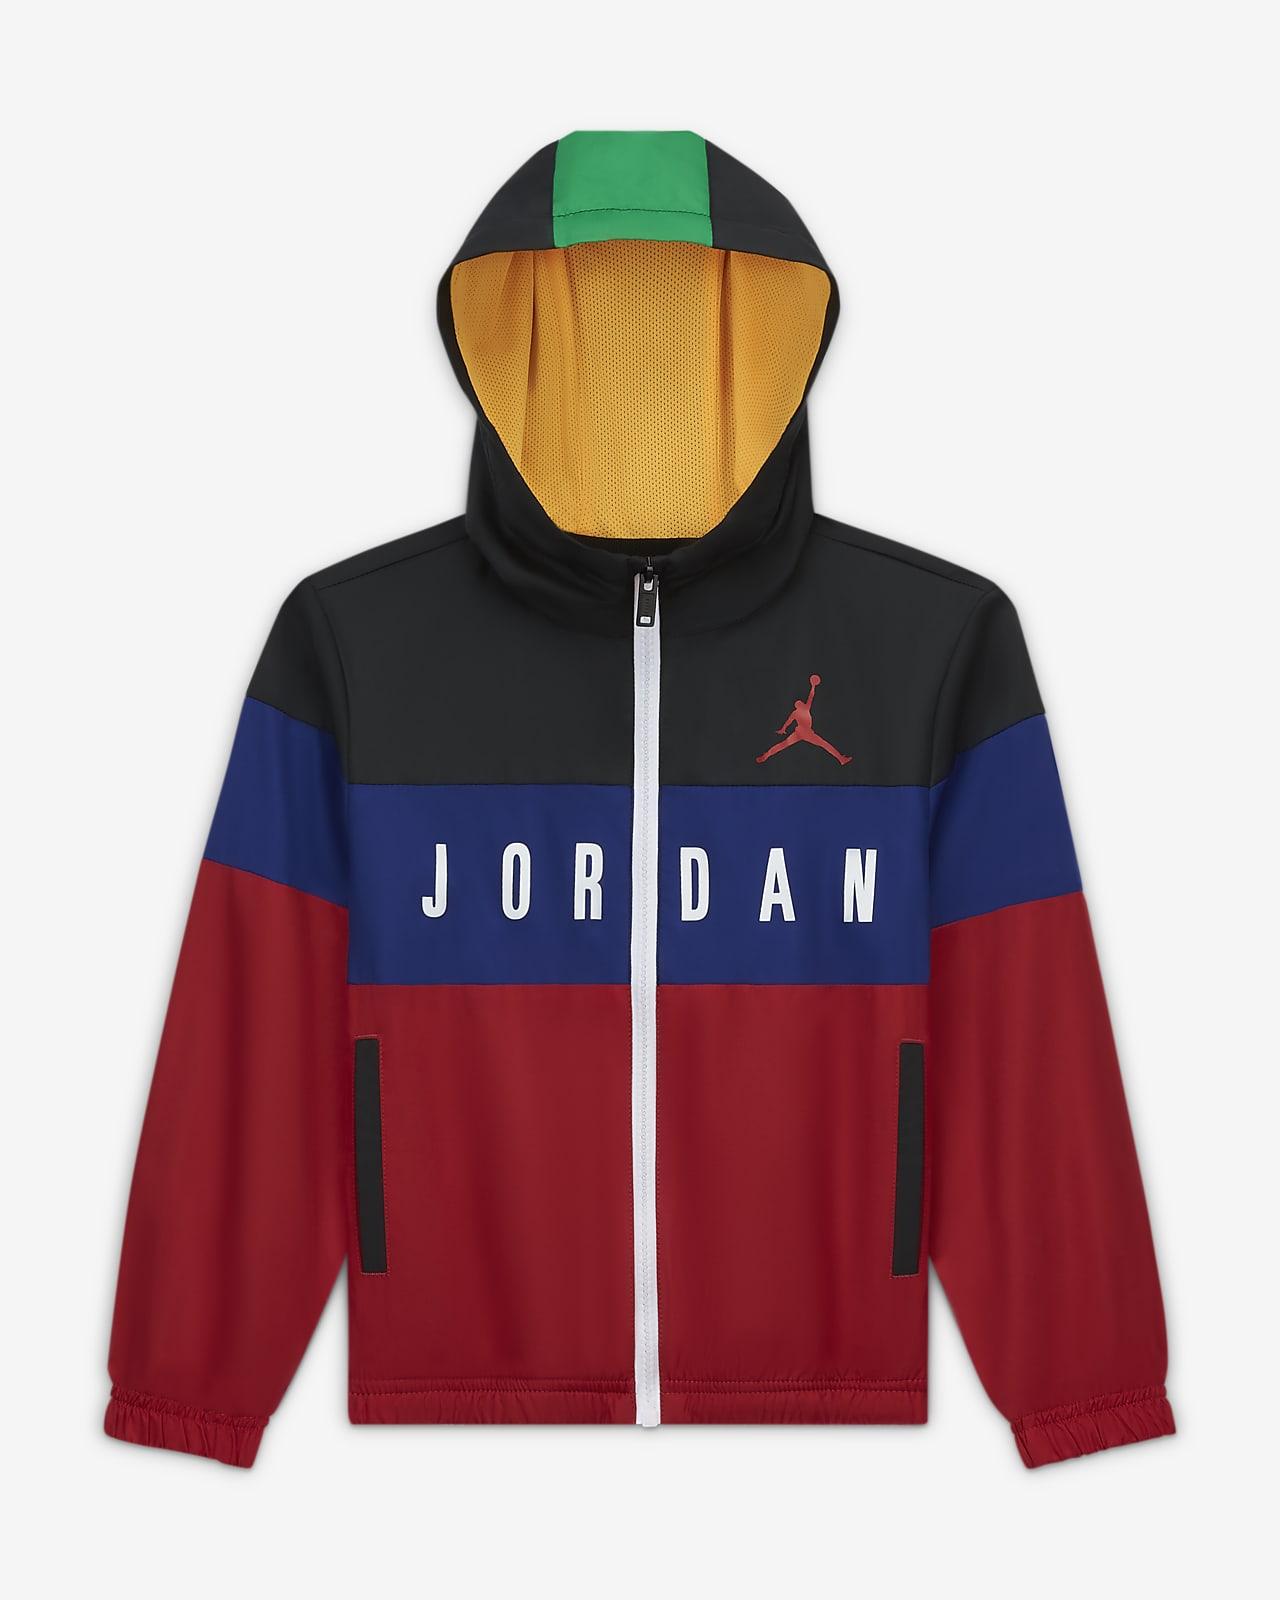 Jordan 幼童全长拉链开襟夹克